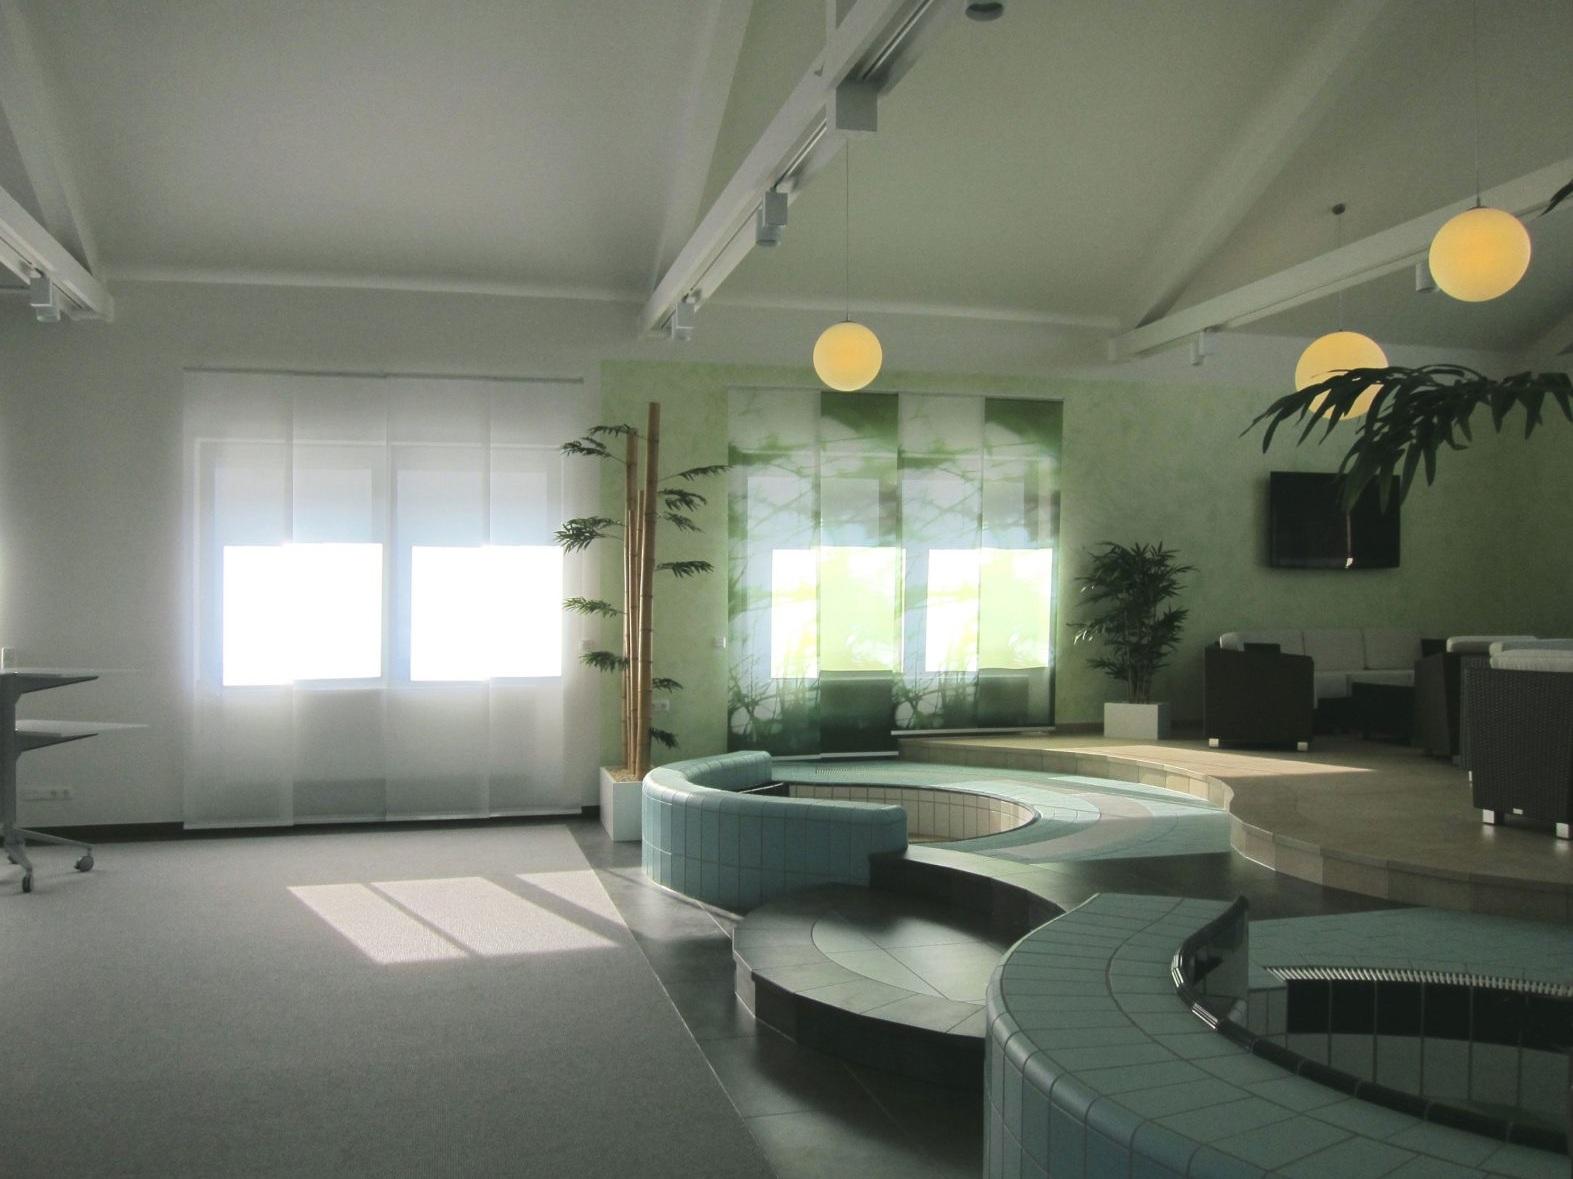 Fliesenpräsentation mit Seminar- und Loungebereich